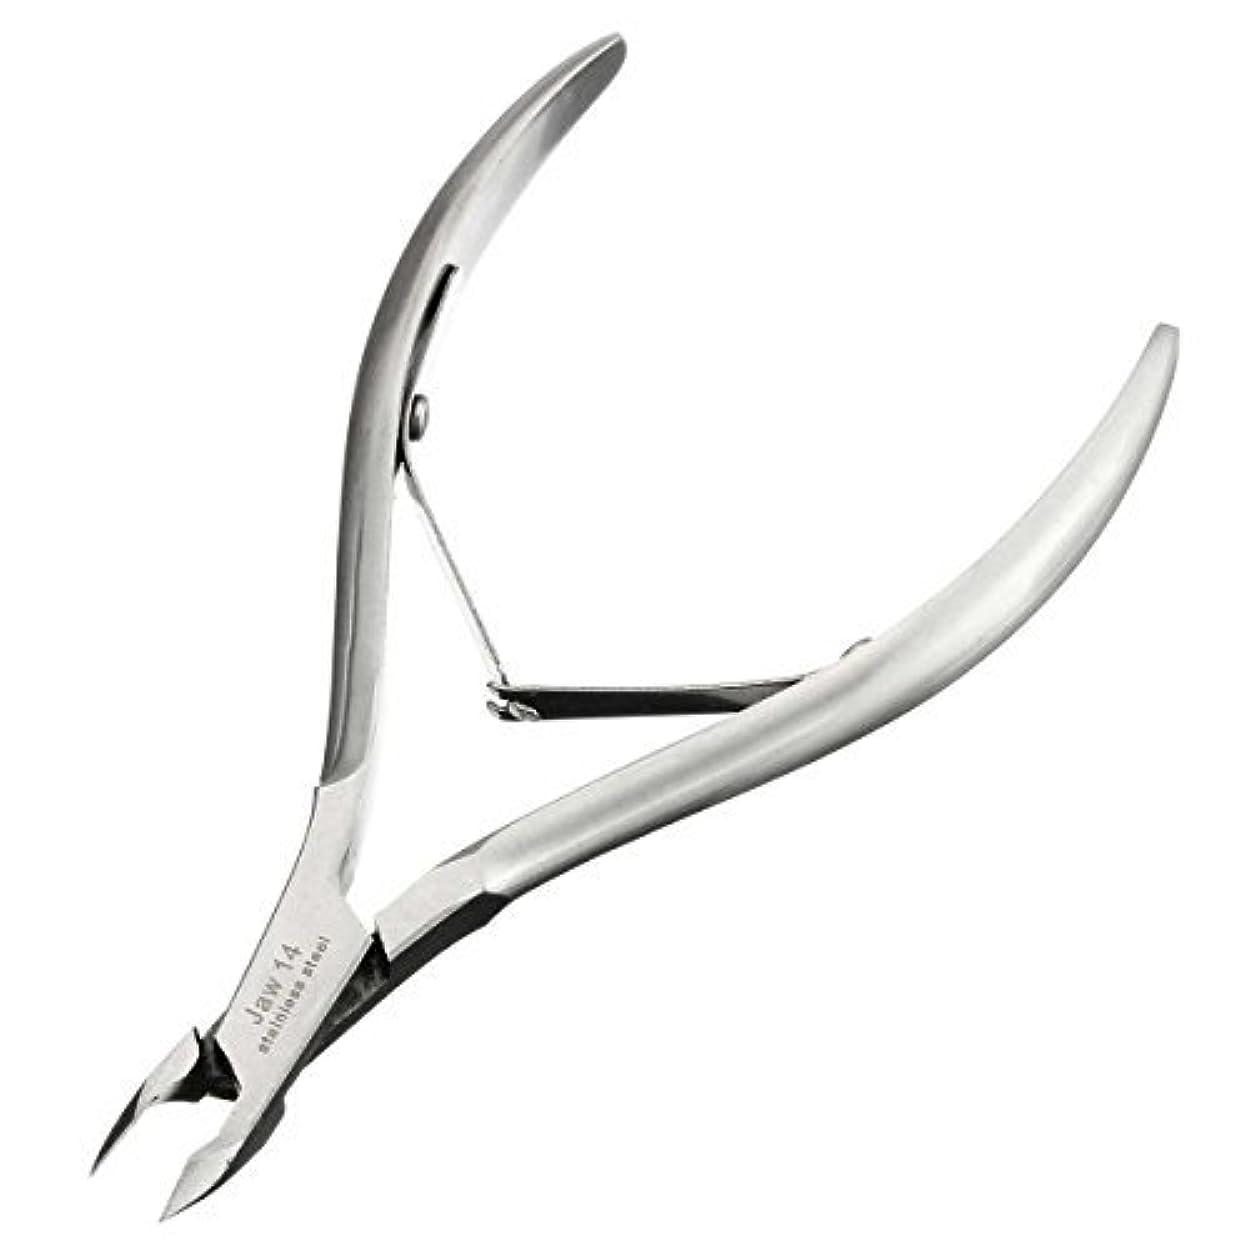 一般的な十分な世紀キューティクルニッパーD-07C LuckyFine ネールケア  ネイル道具 甘皮切り 爪切り シルバー